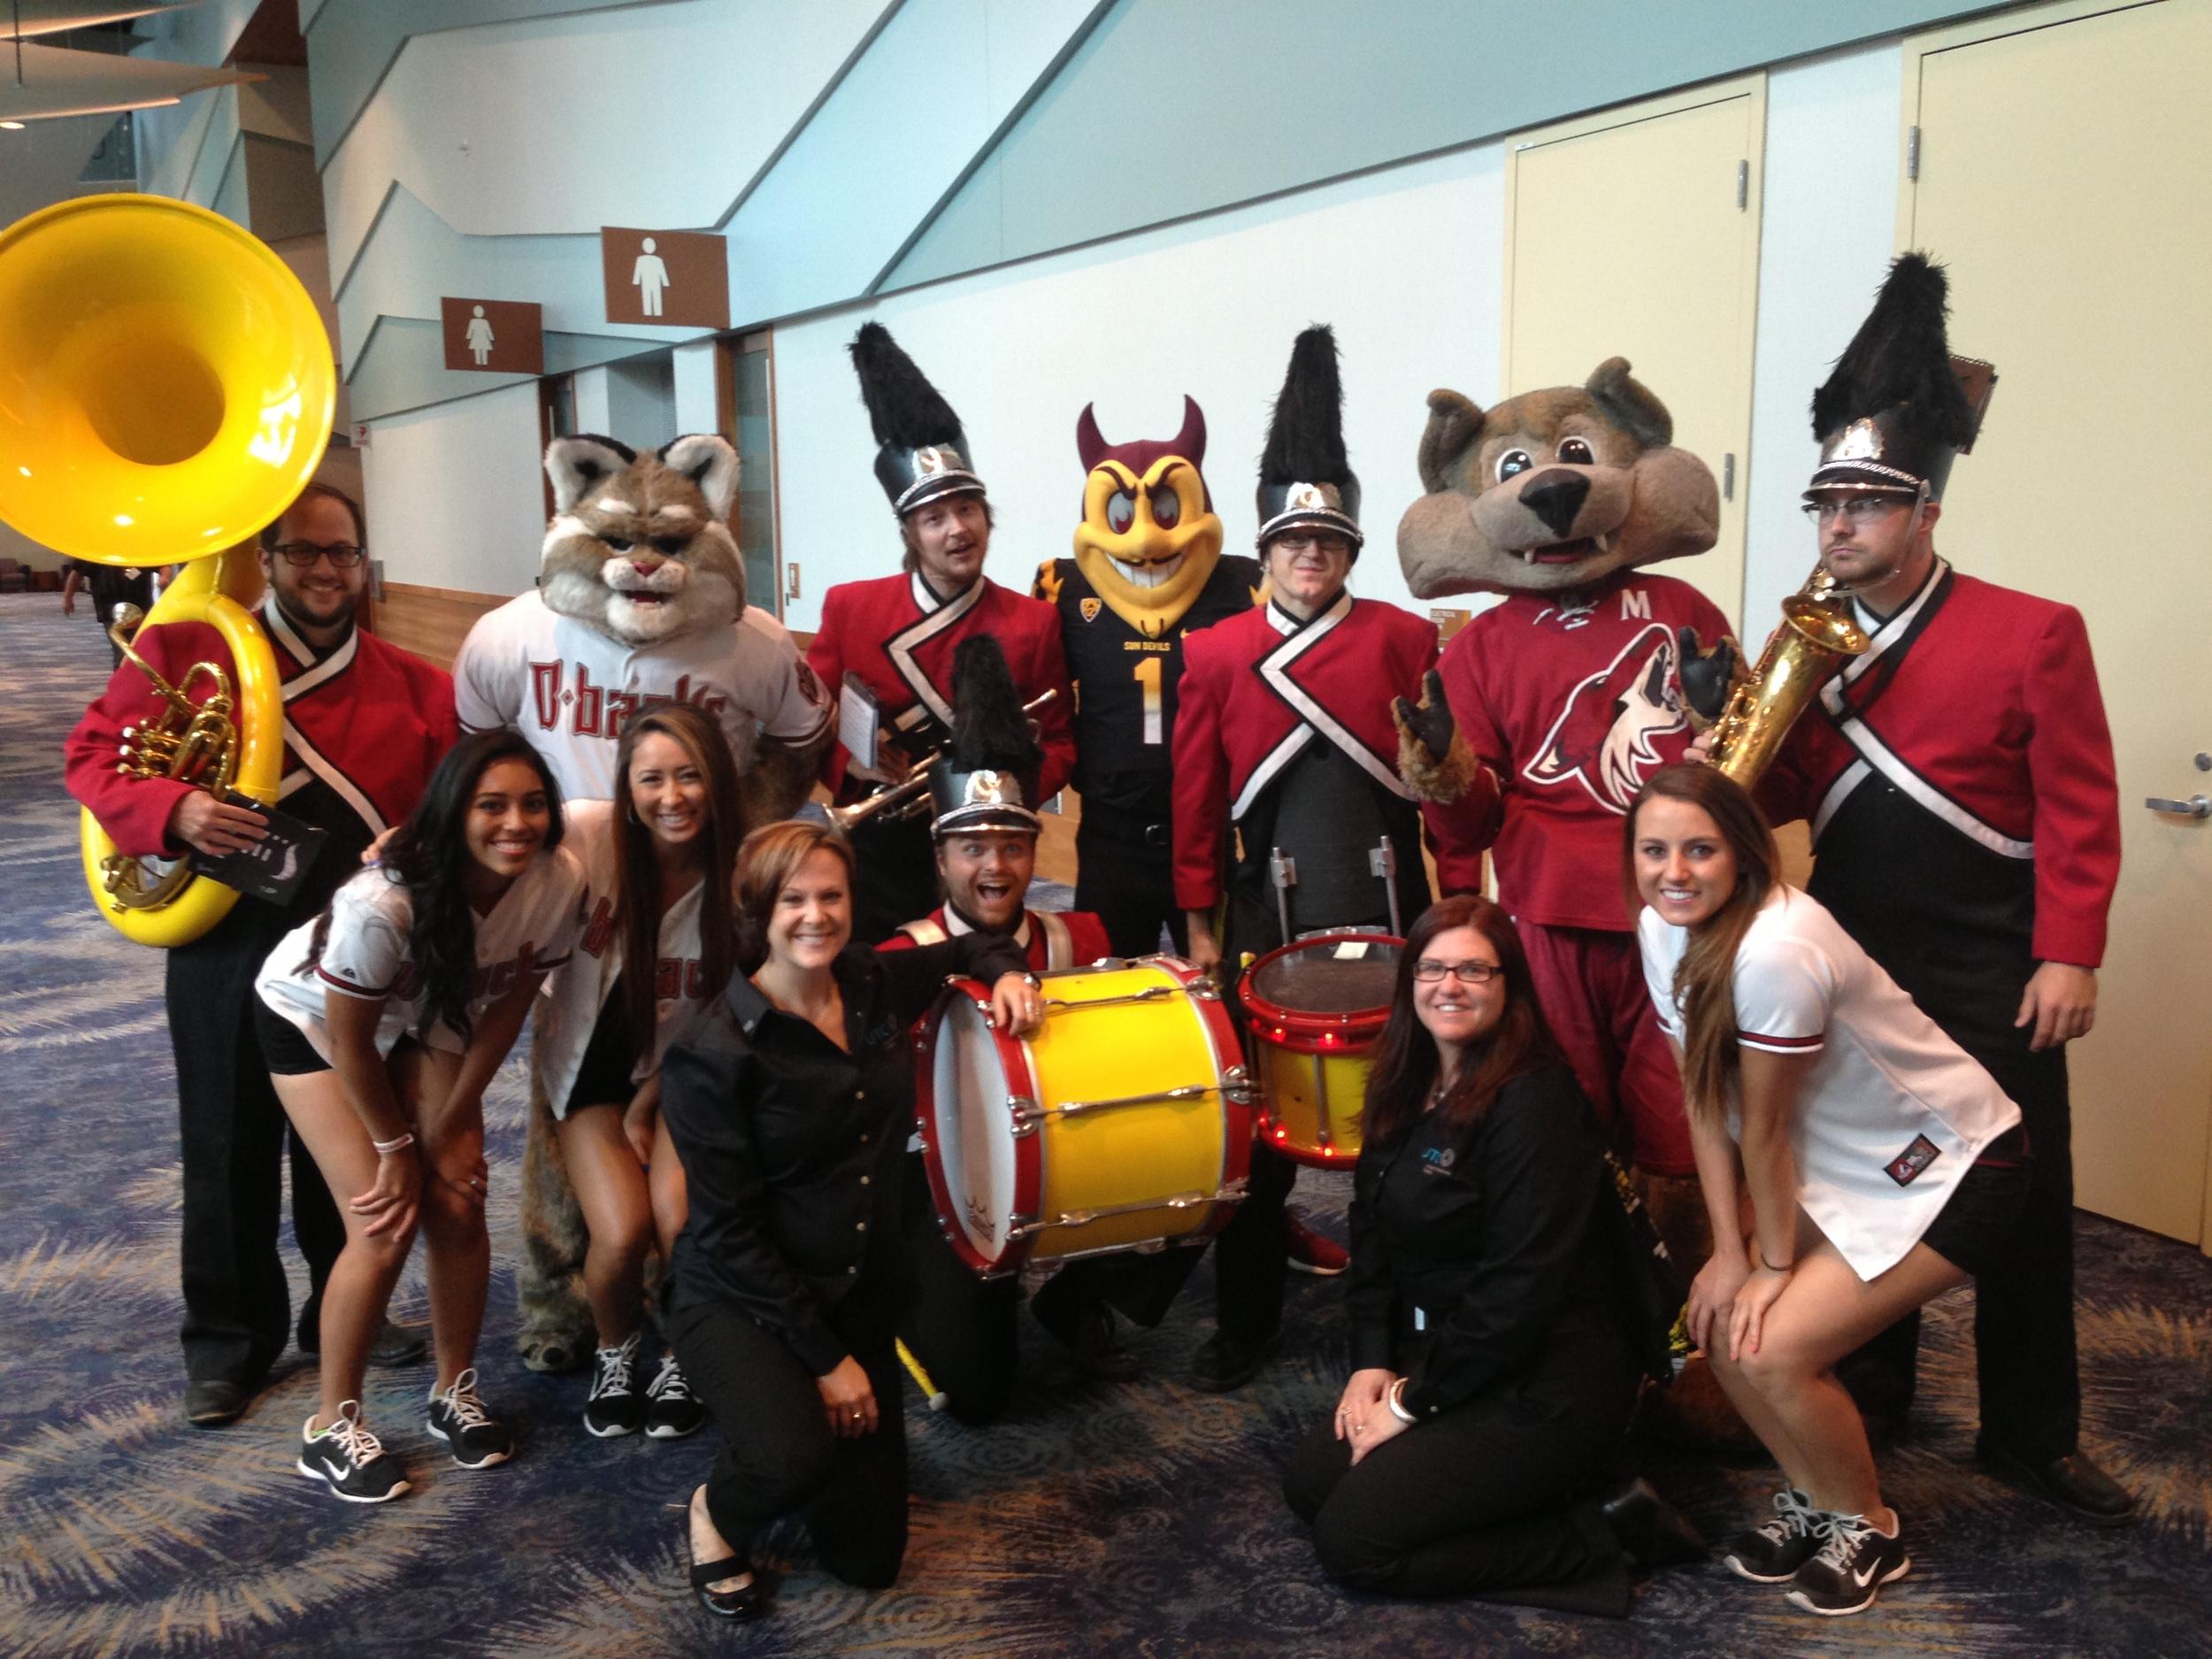 UTC Trade Show Opening Pep Band Mascots.JPG